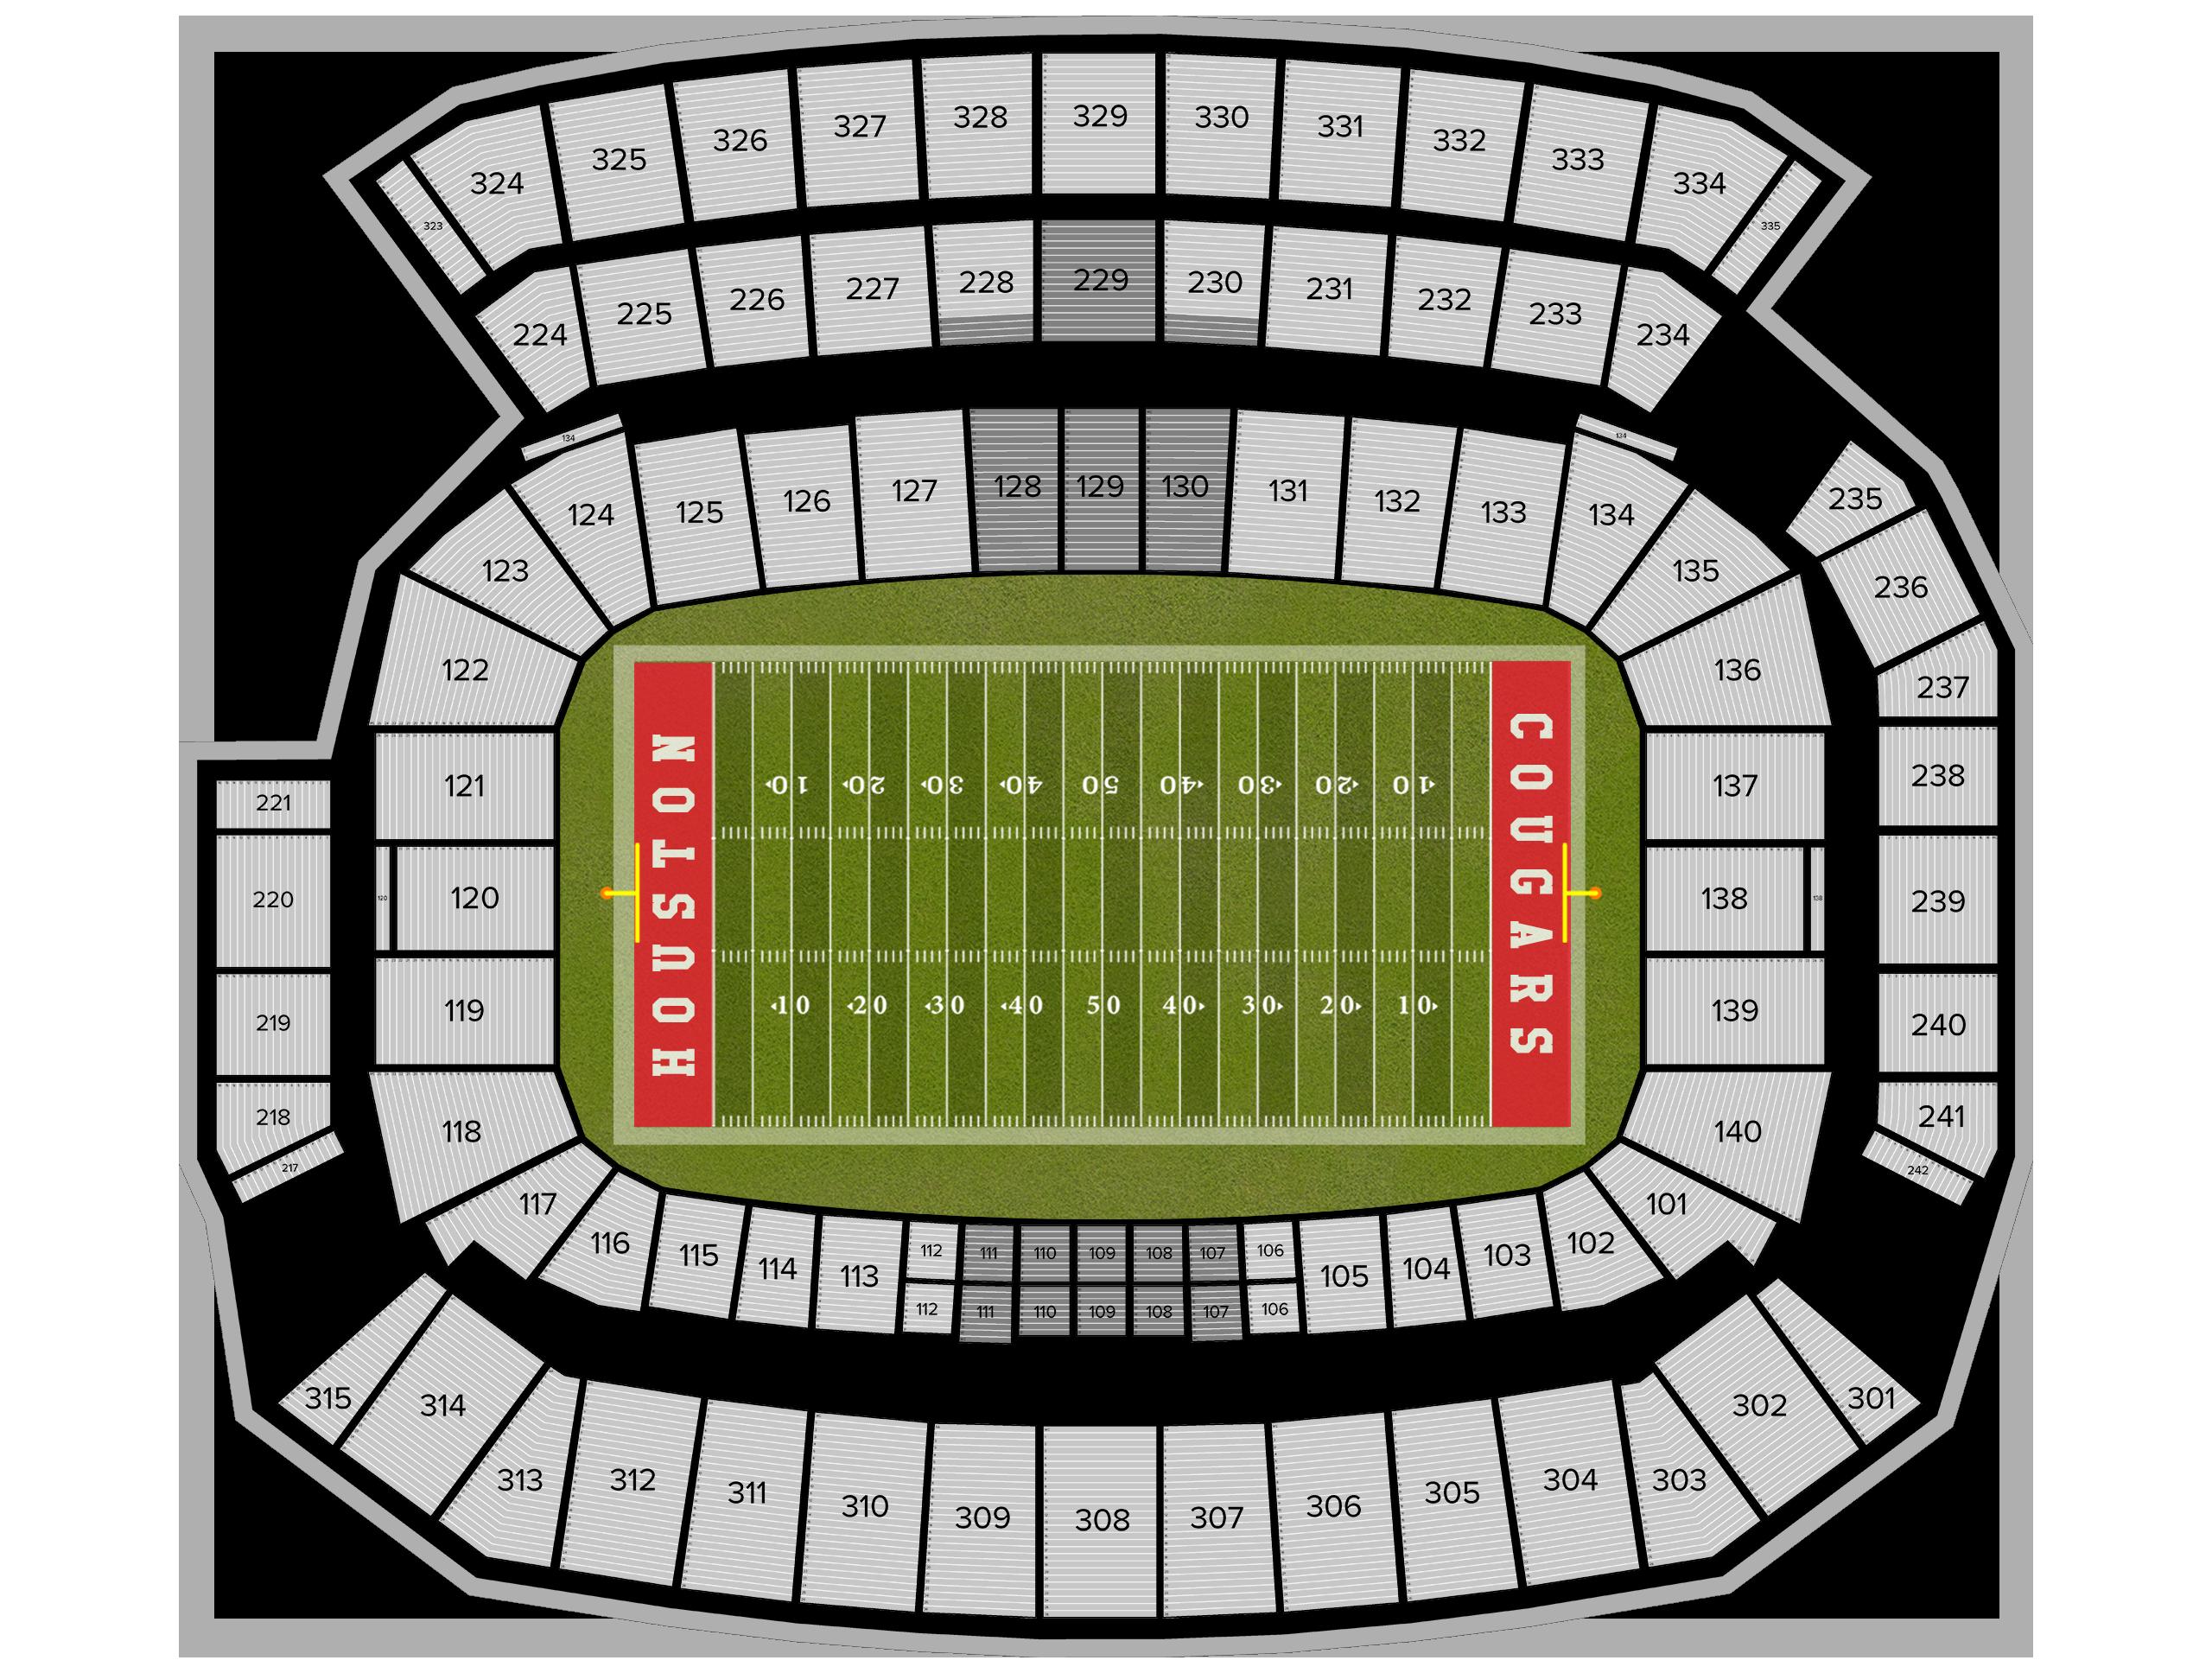 TDECU Stadium Tickets